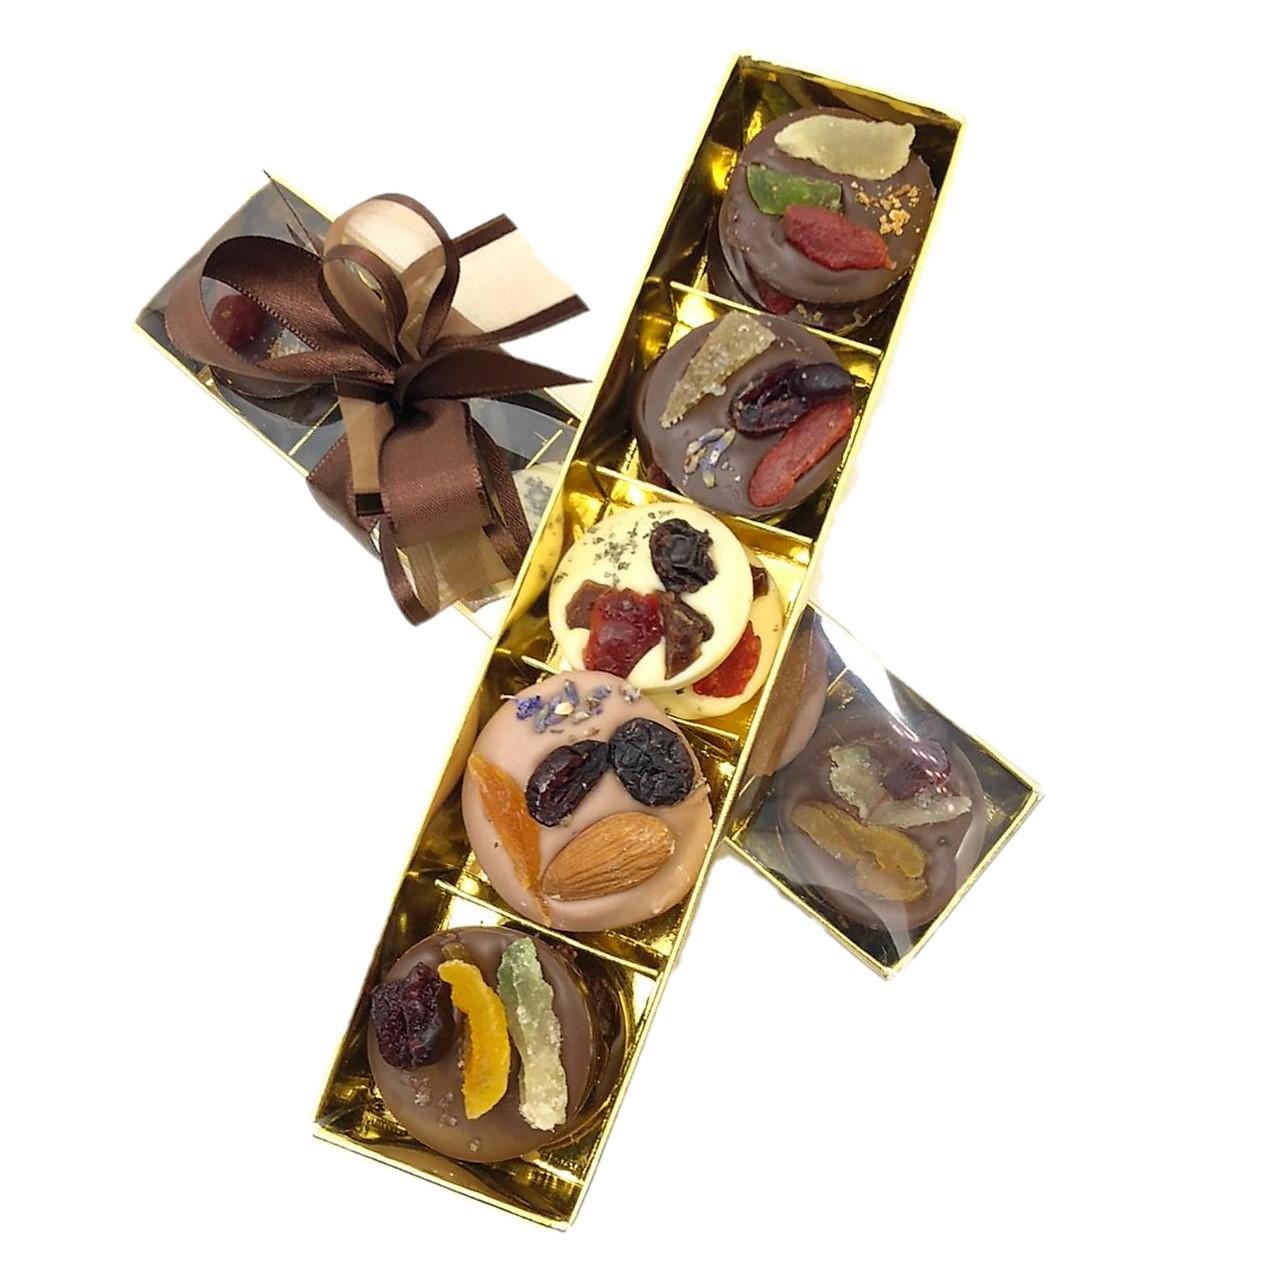 Caixa com Discos de Chocolate e Frutas